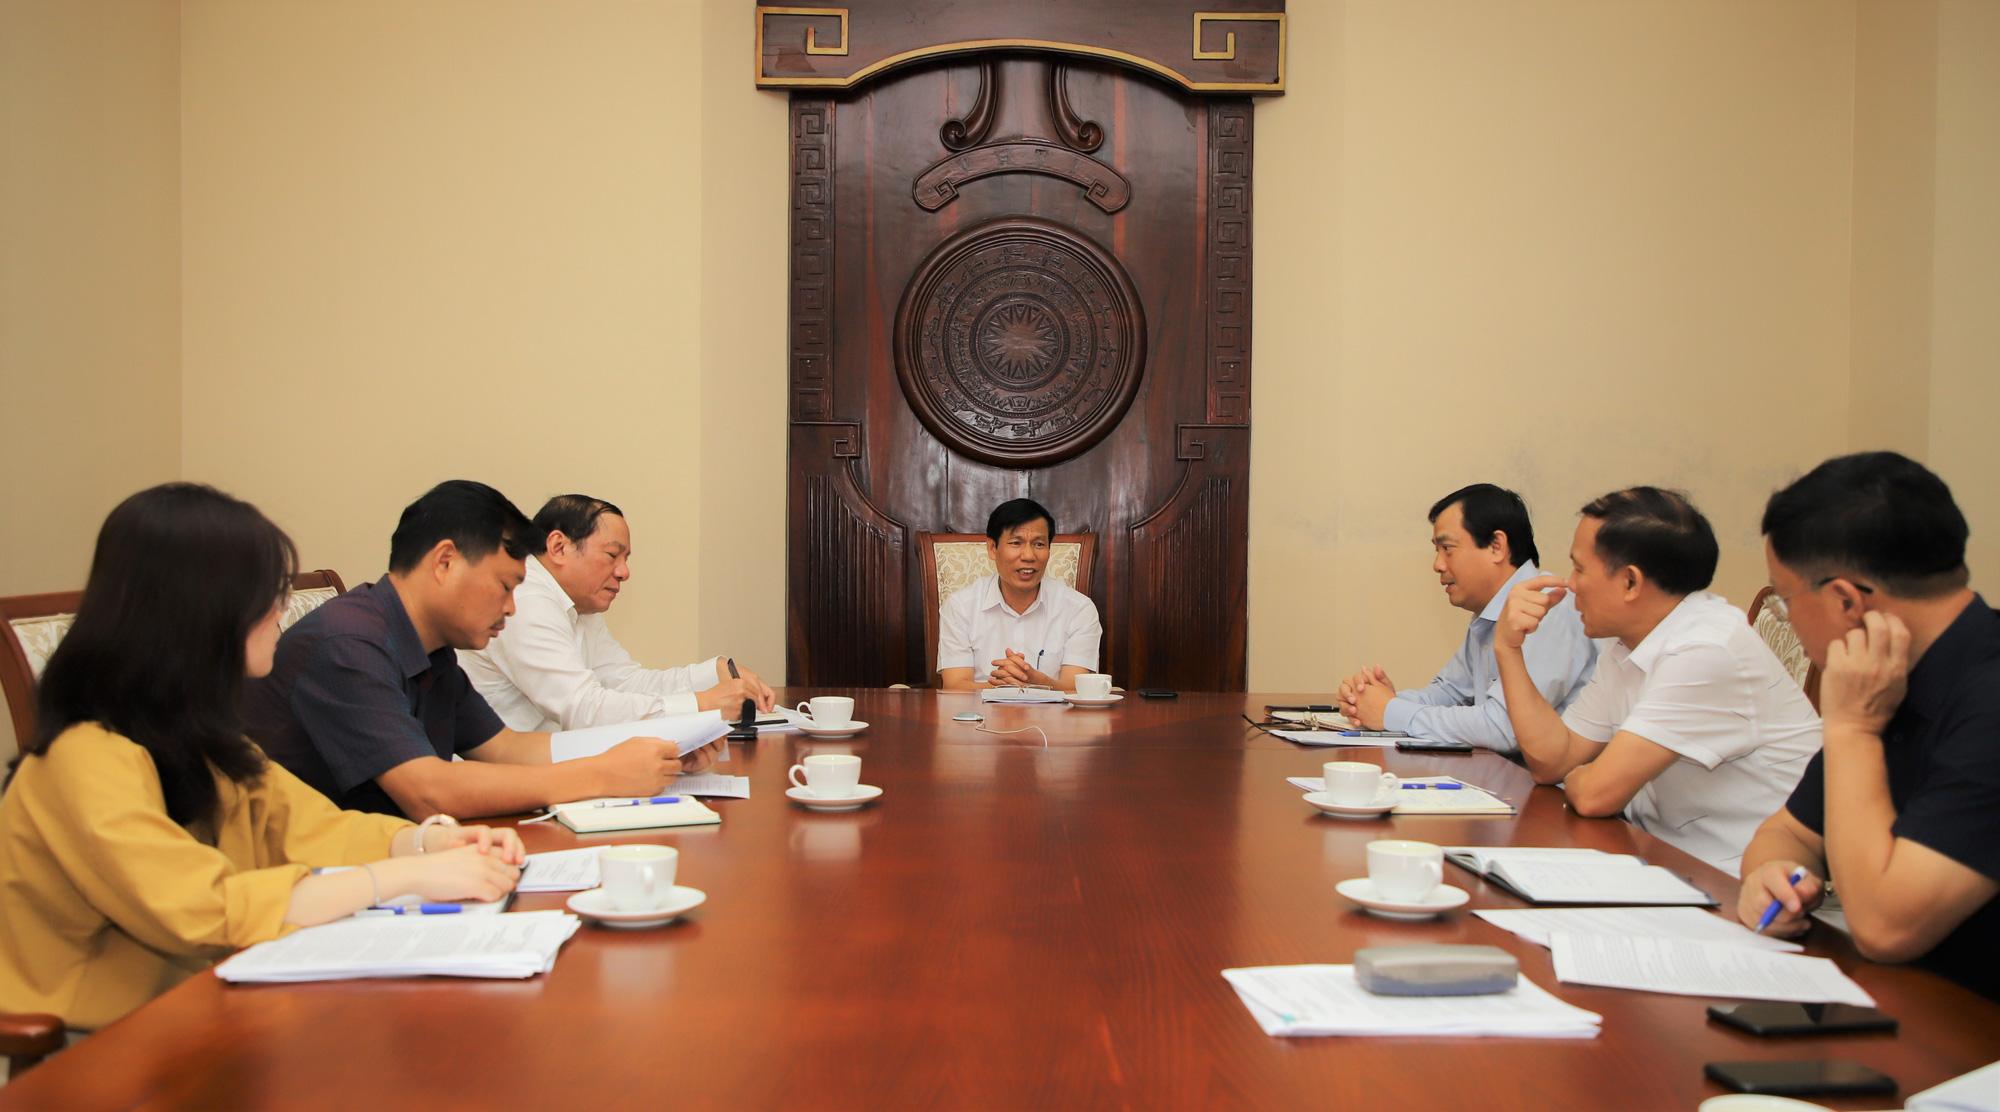 Họp bàn tìm các giải pháp hỗ trợ cho ngành Du lịch - Ảnh 1.